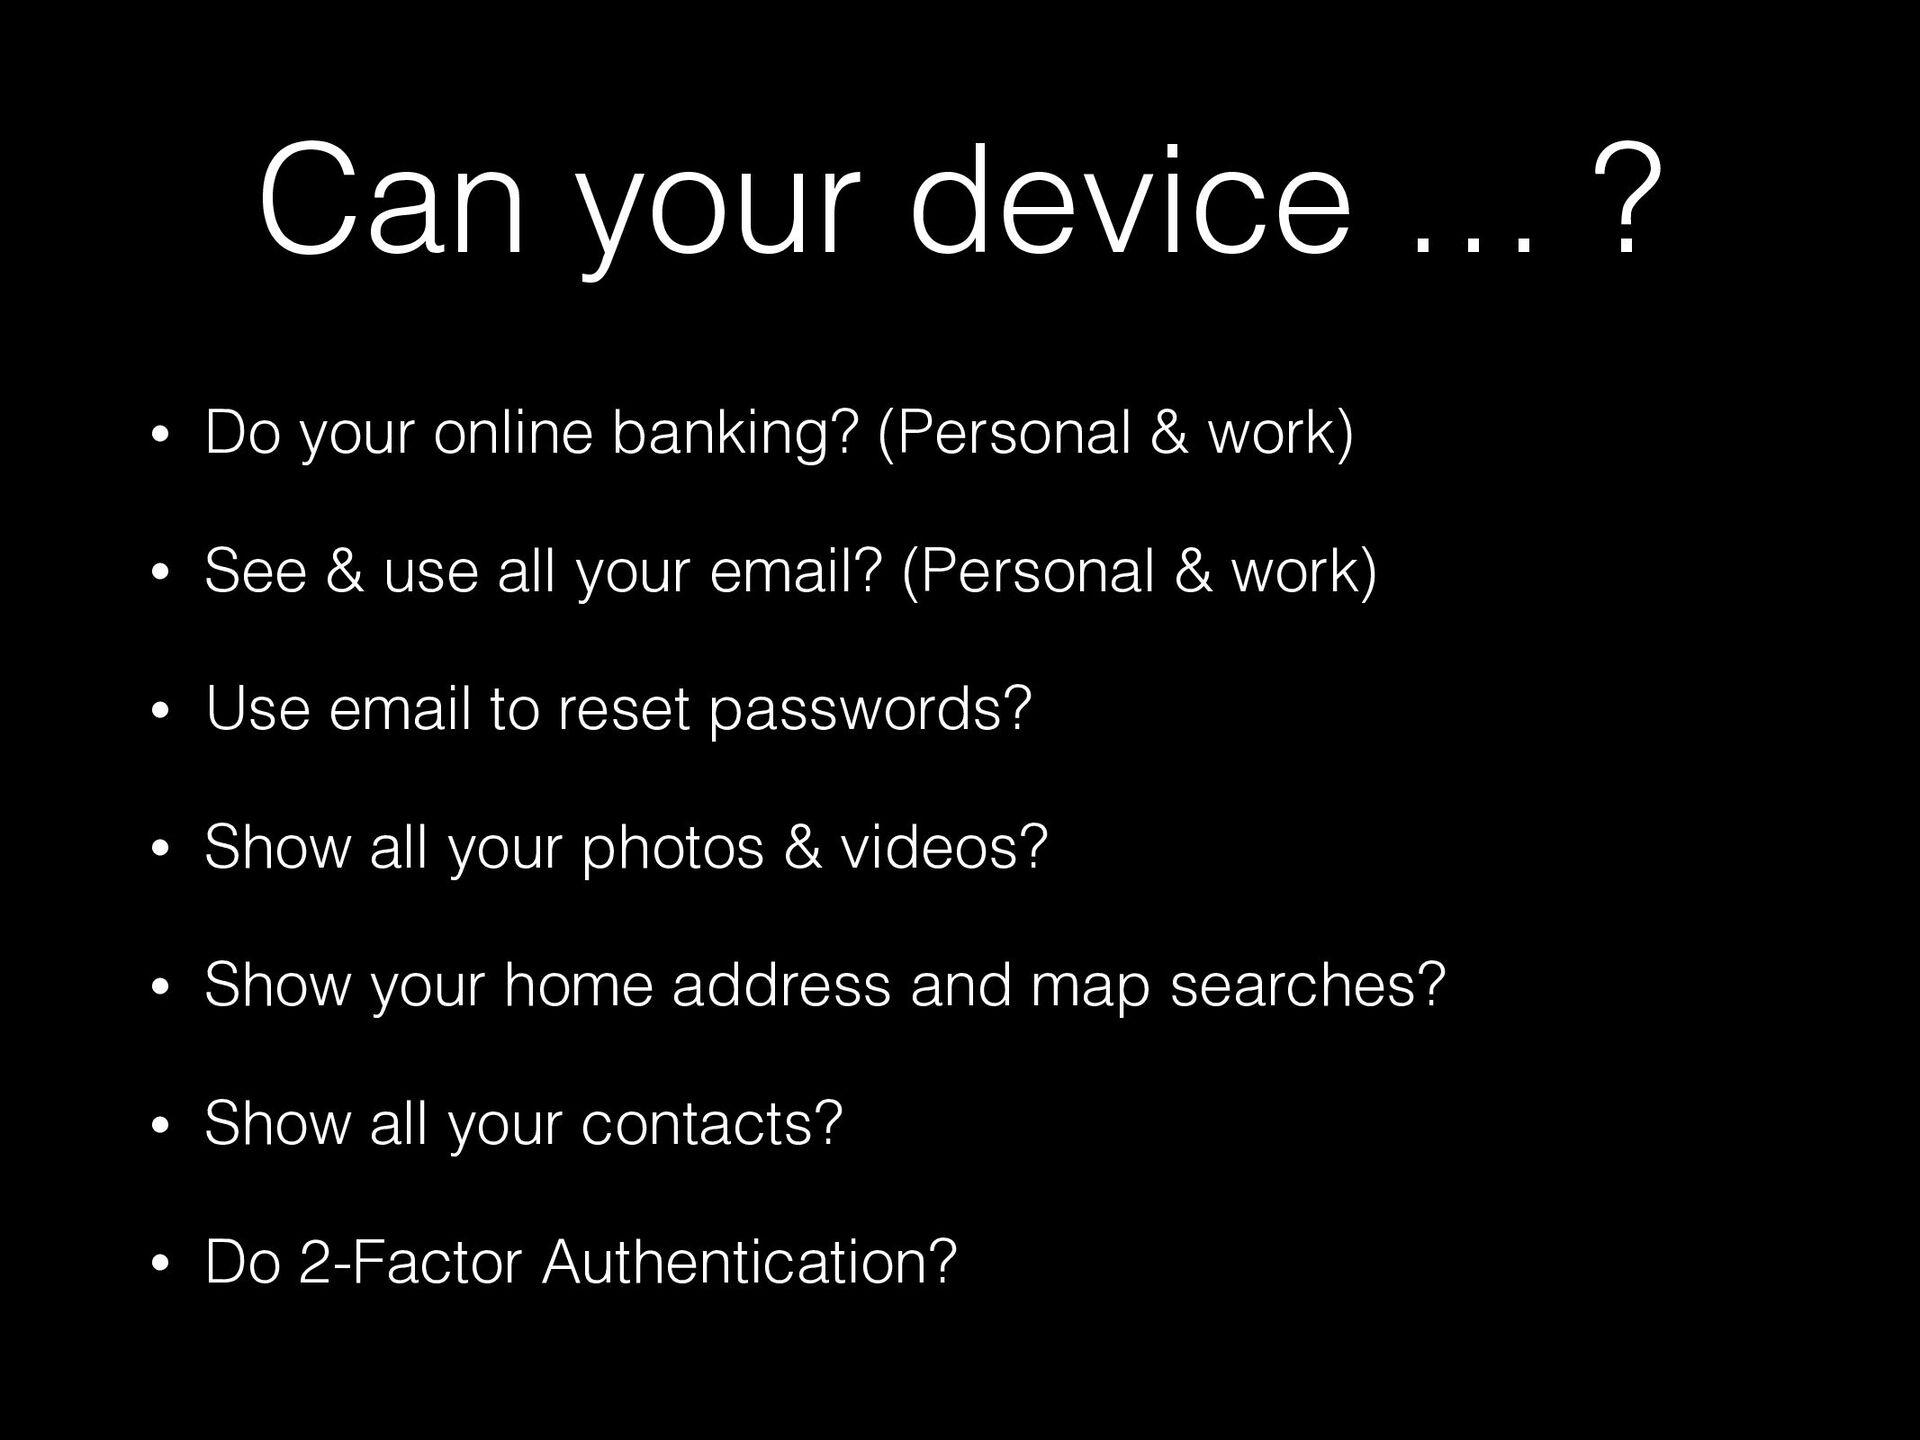 https://www.bleepingcomputer.com/news/security/...